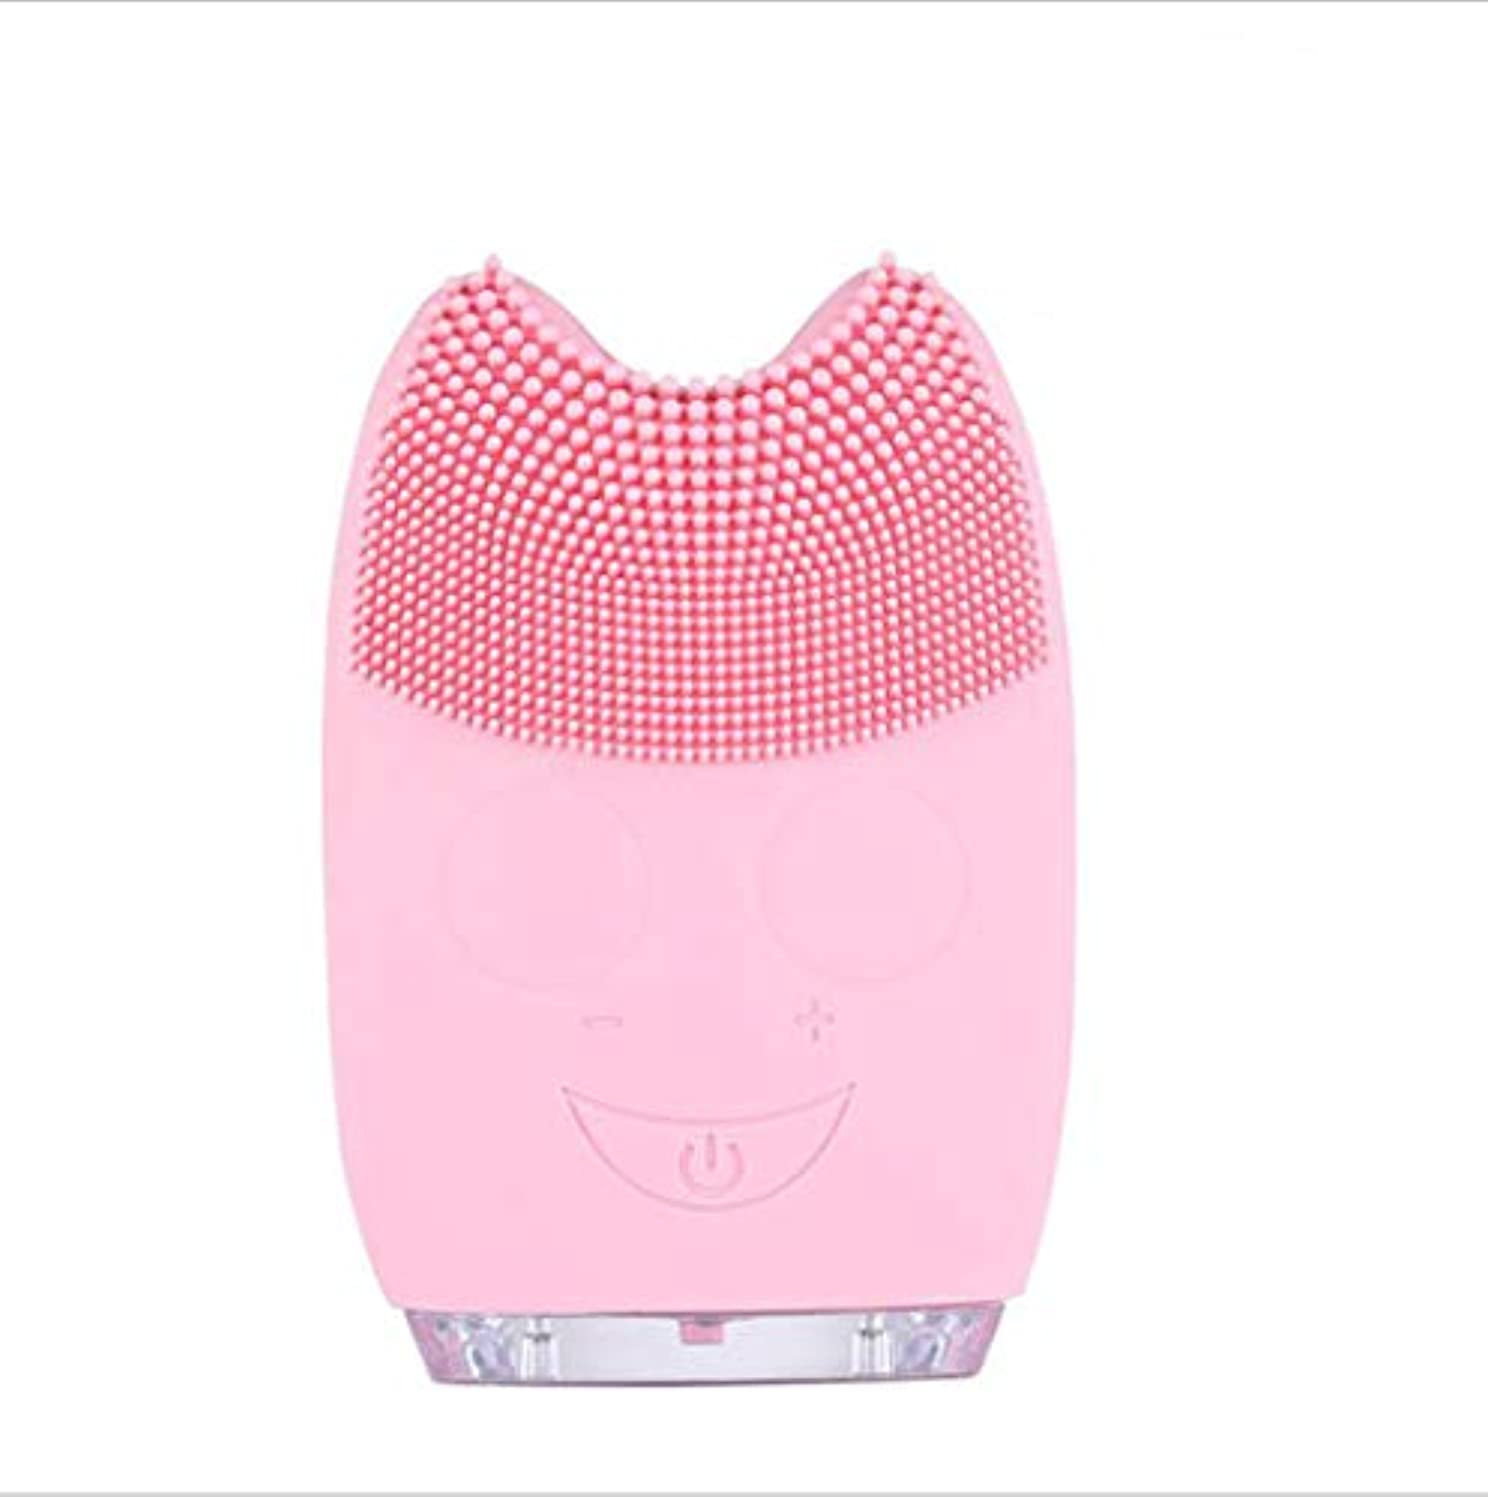 ケープはっきりとかろうじてすべての肌のタイプに適した角質除去とアンチエイジング顔マッサージのためのシリコーン電気クレンジングブラシ,Pink